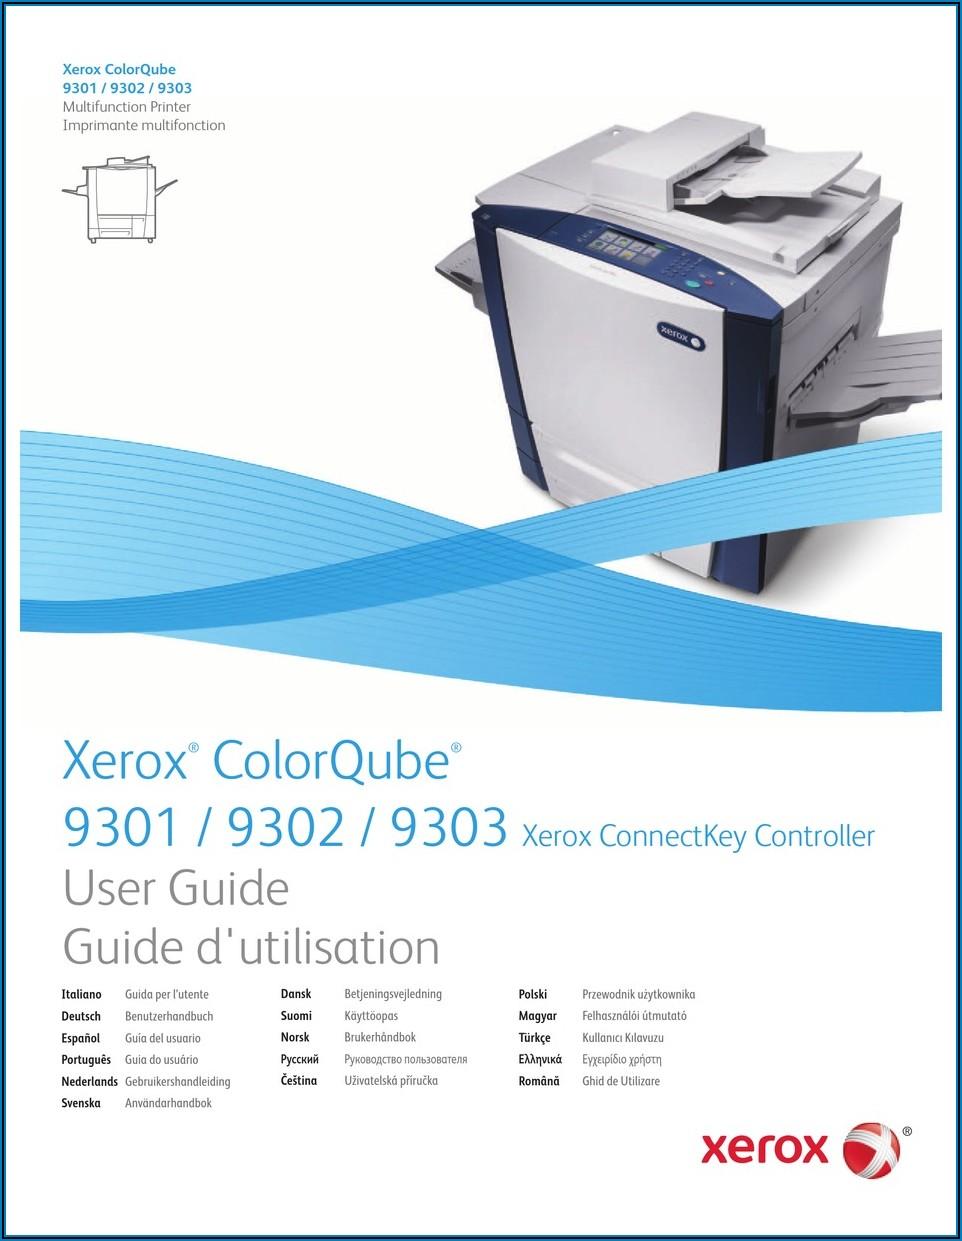 Xerox Colorqube 9301 Specs